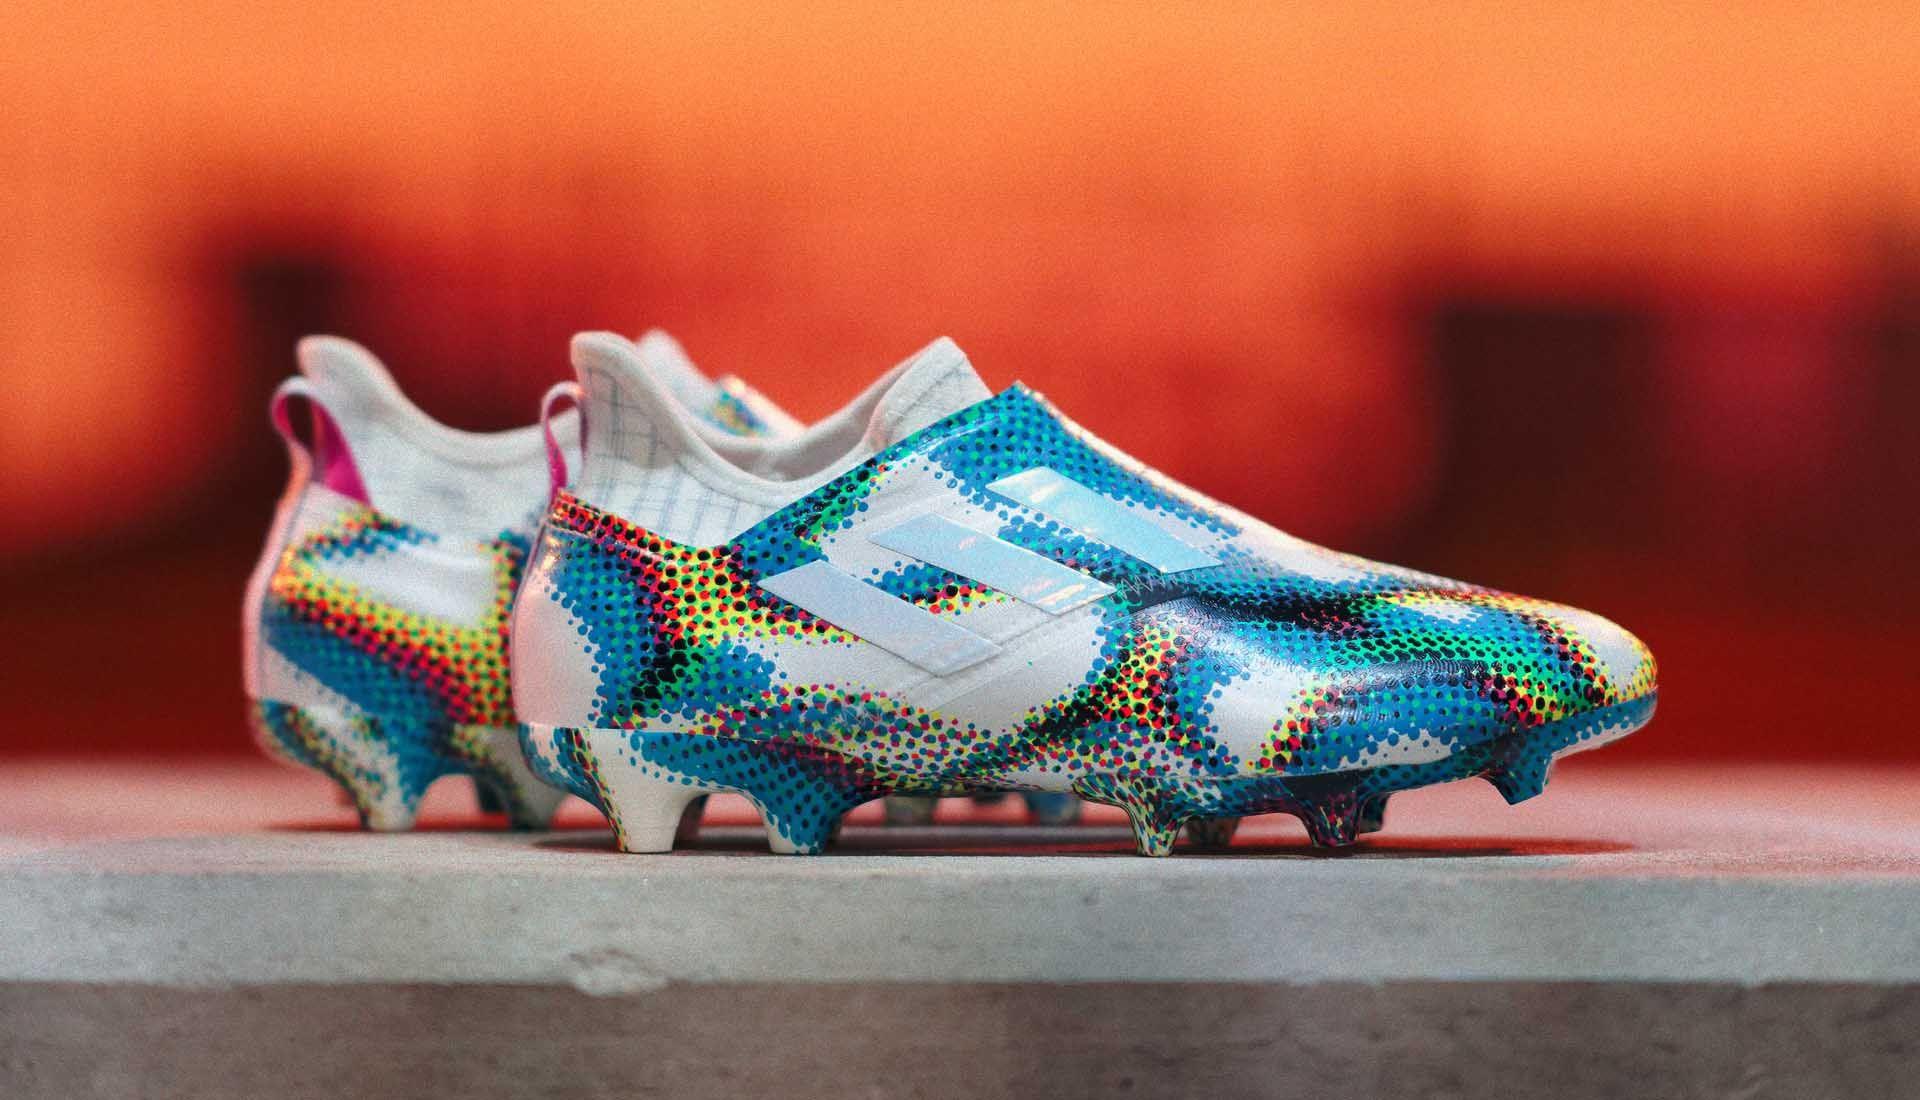 adidas Launch the Glitch 19 \